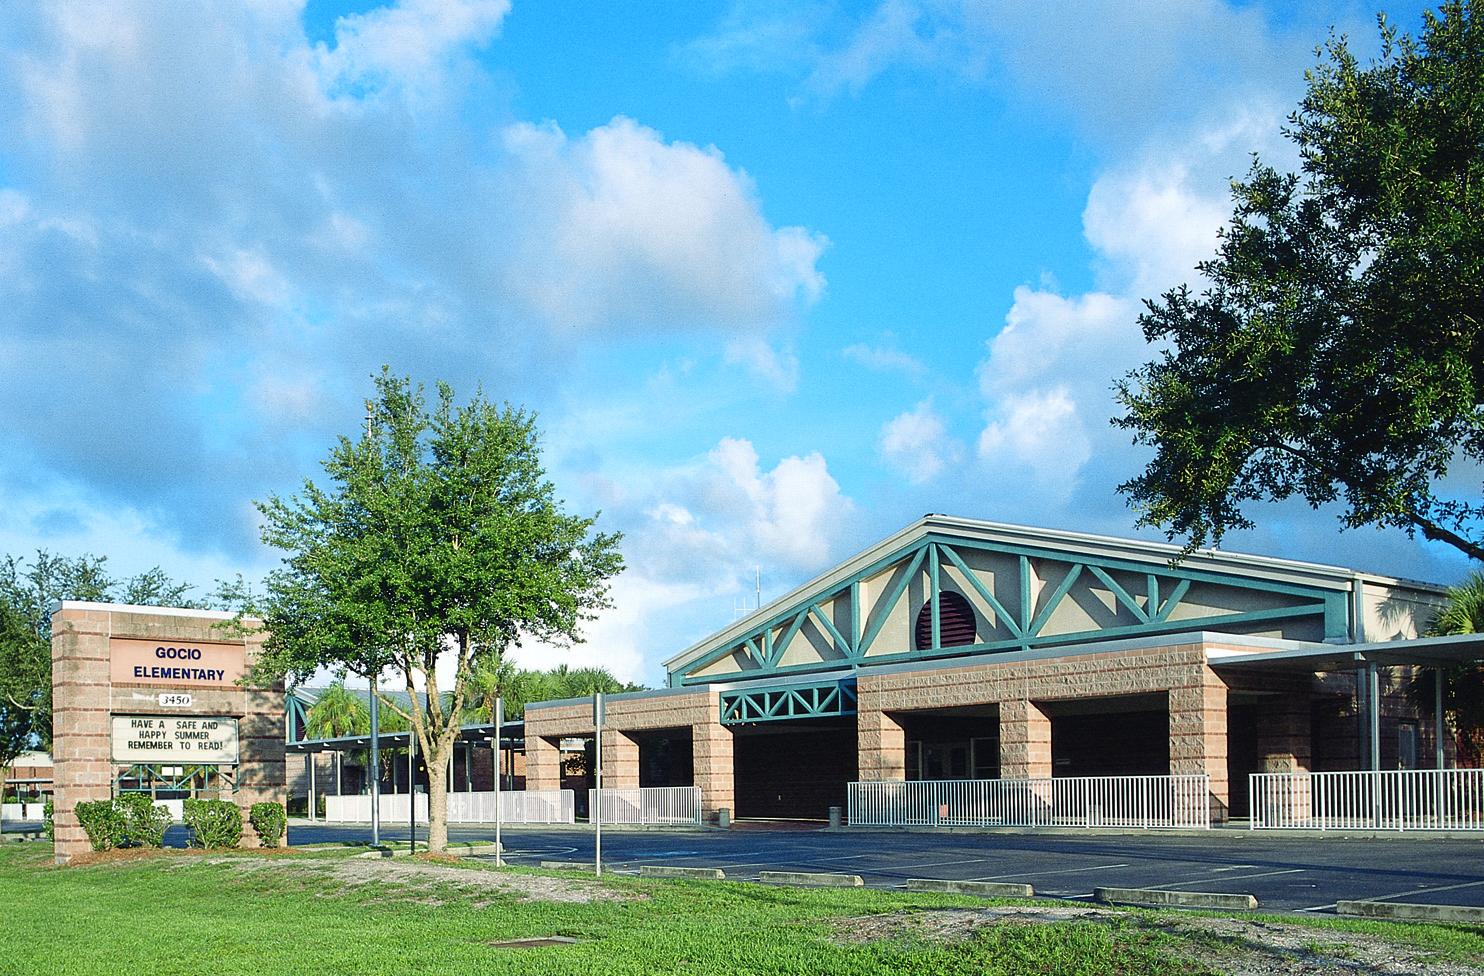 GOCIO School